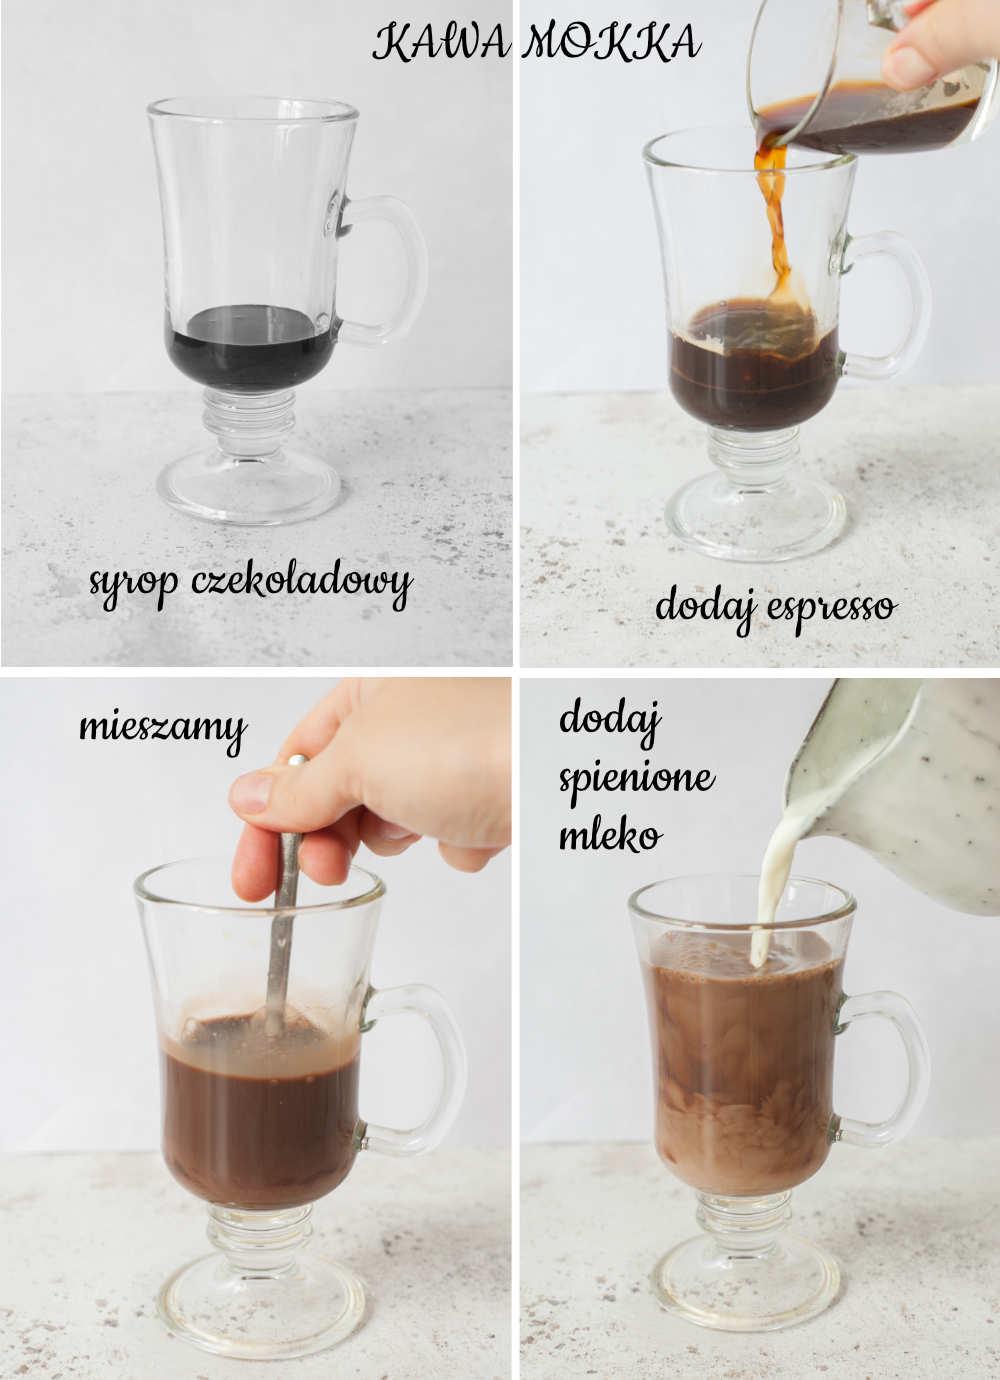 Kolaż 4 zdjęć pokazujący jak przygotowa kawę mokka.